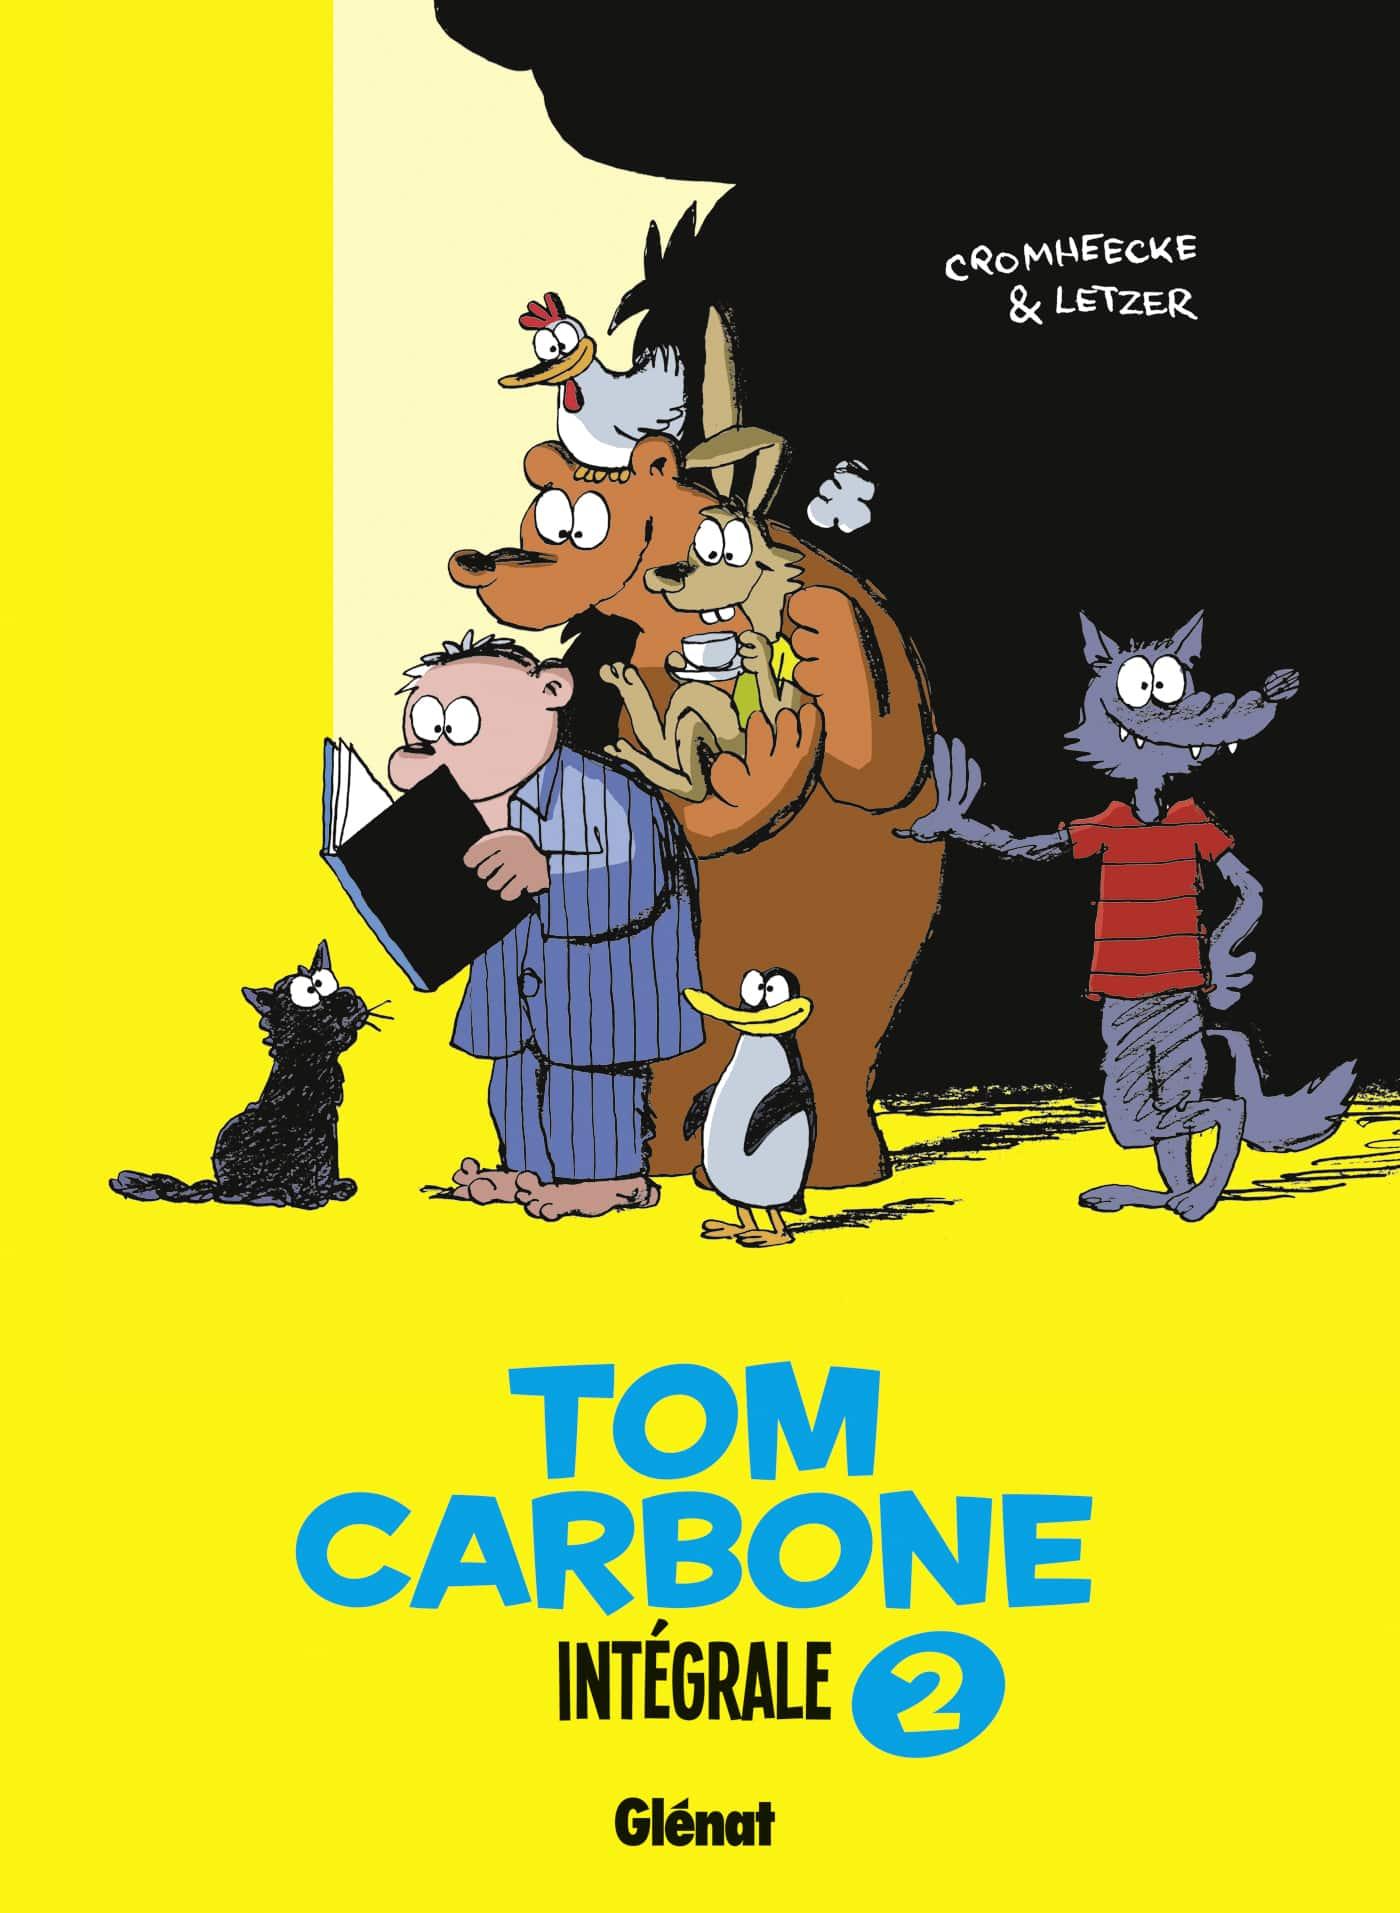 Tom Carbone et son humour surréaliste